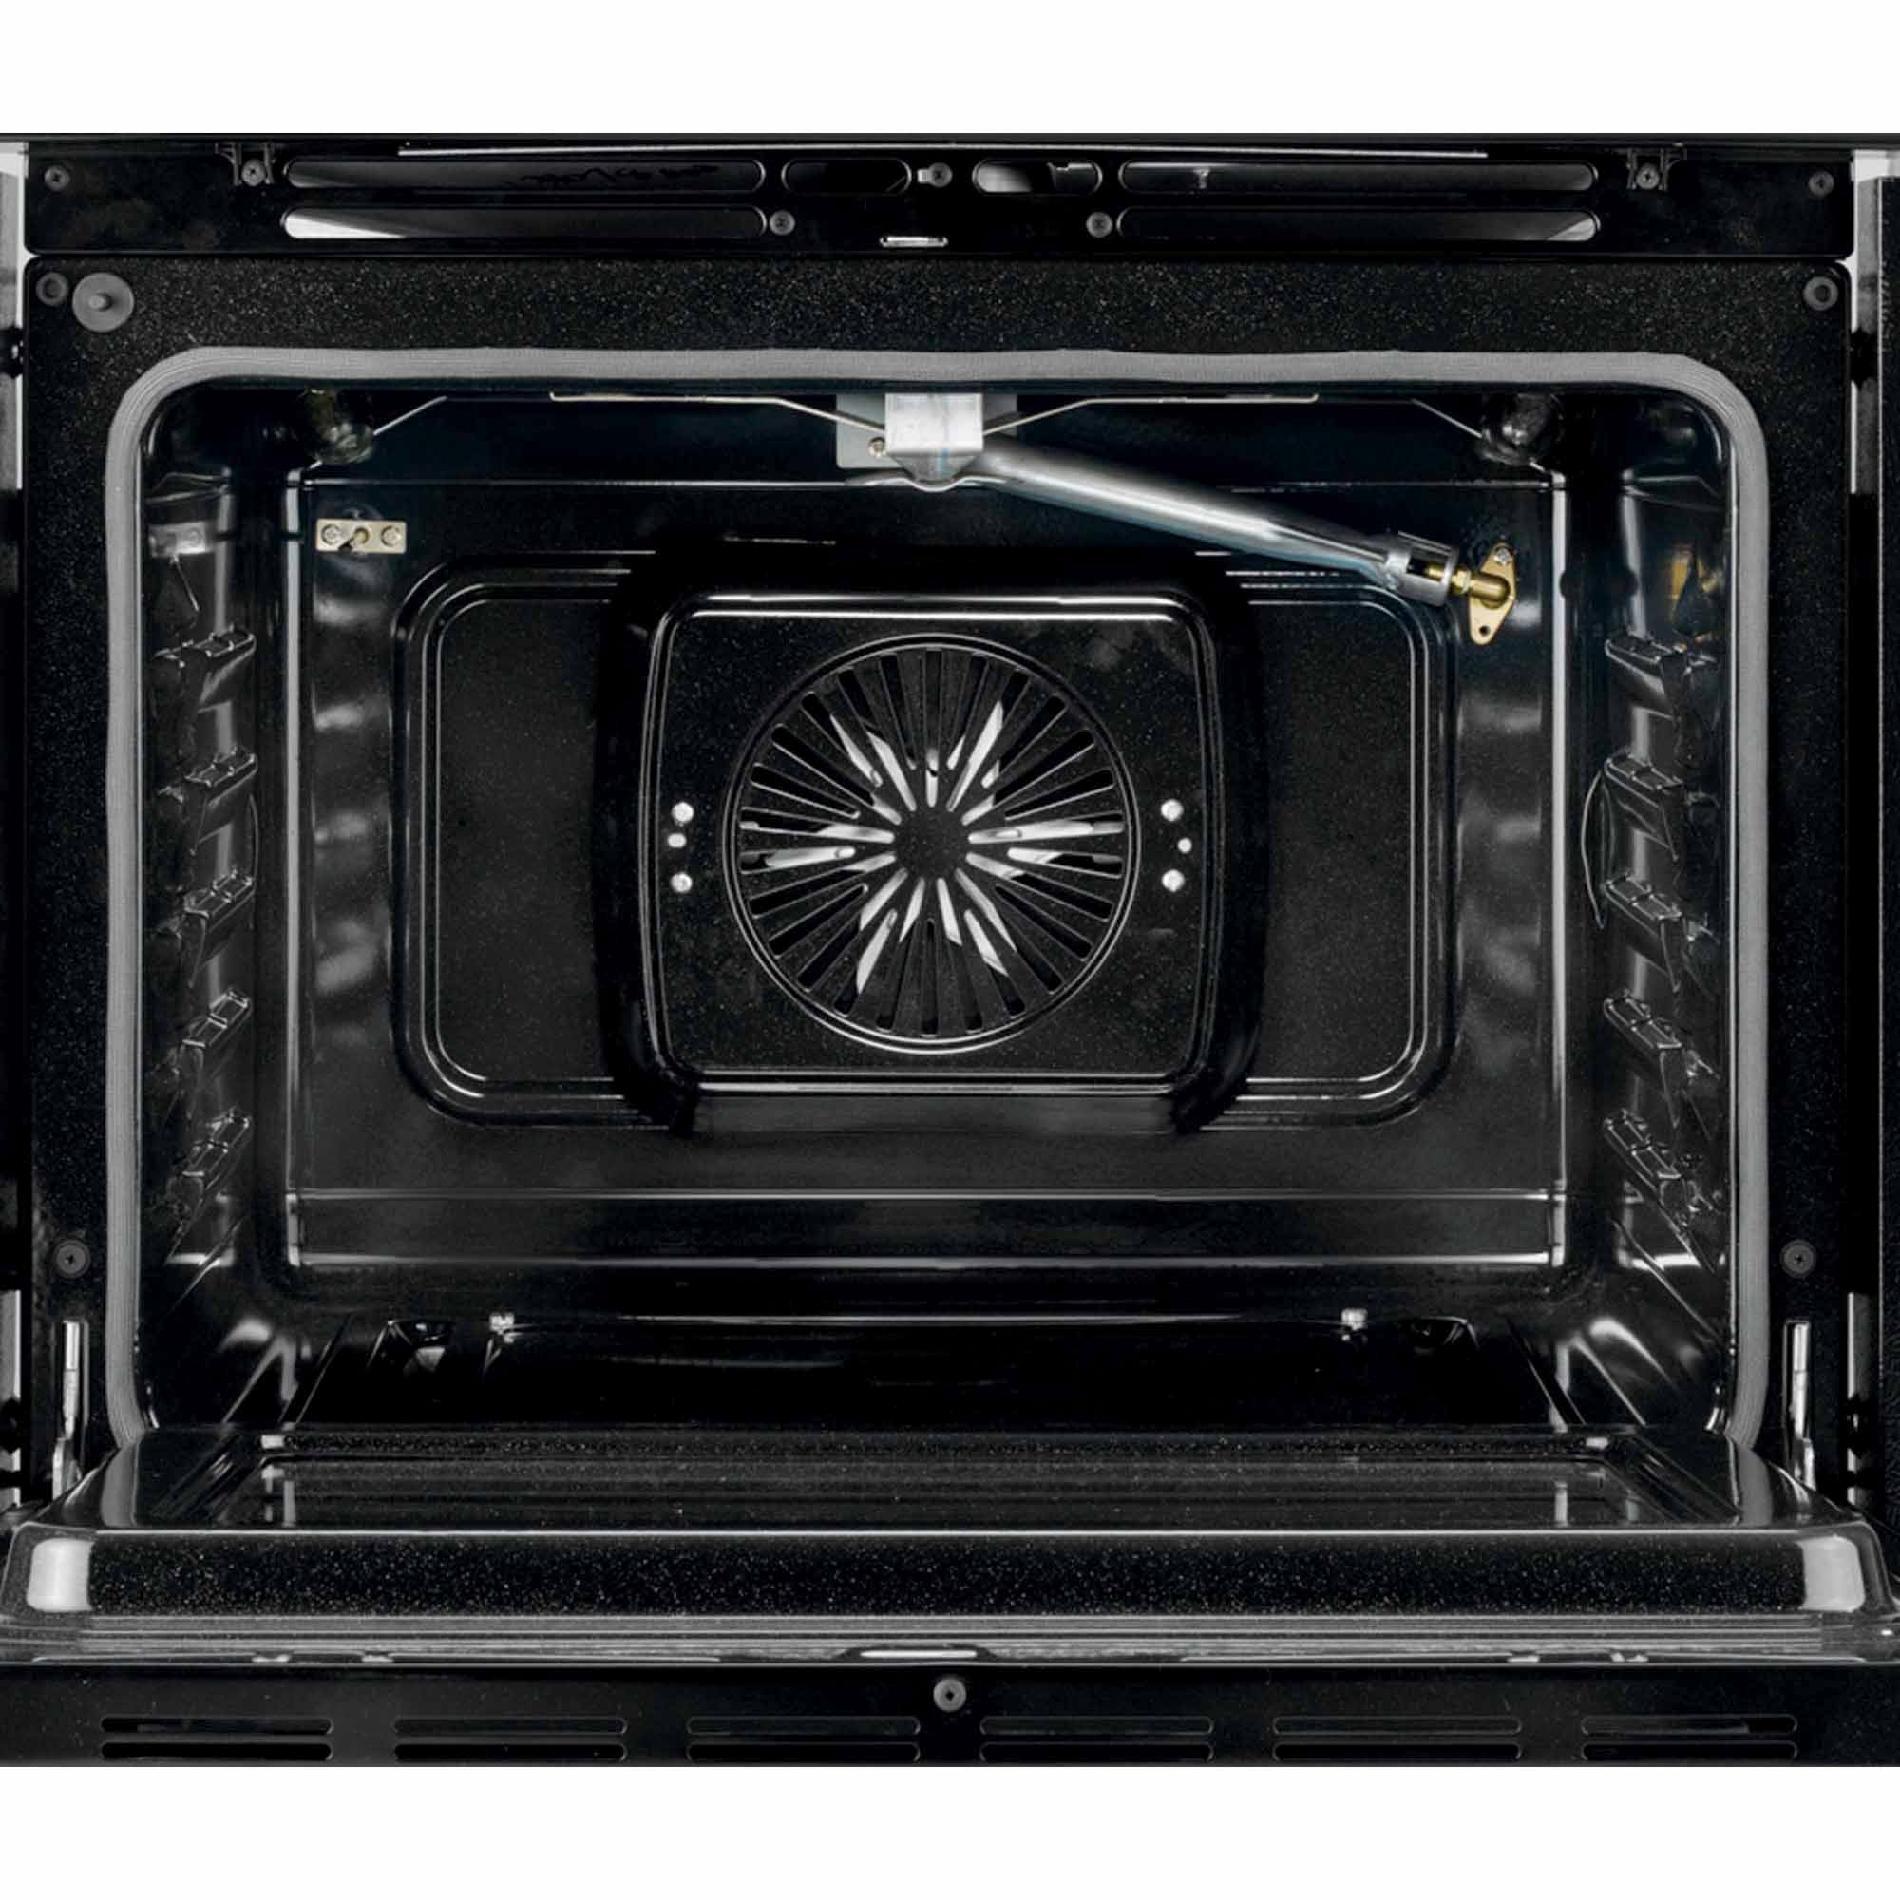 Kenmore Elite 32623 4.5 cu. ft. Slide-In Gas Range - Stainless Steel